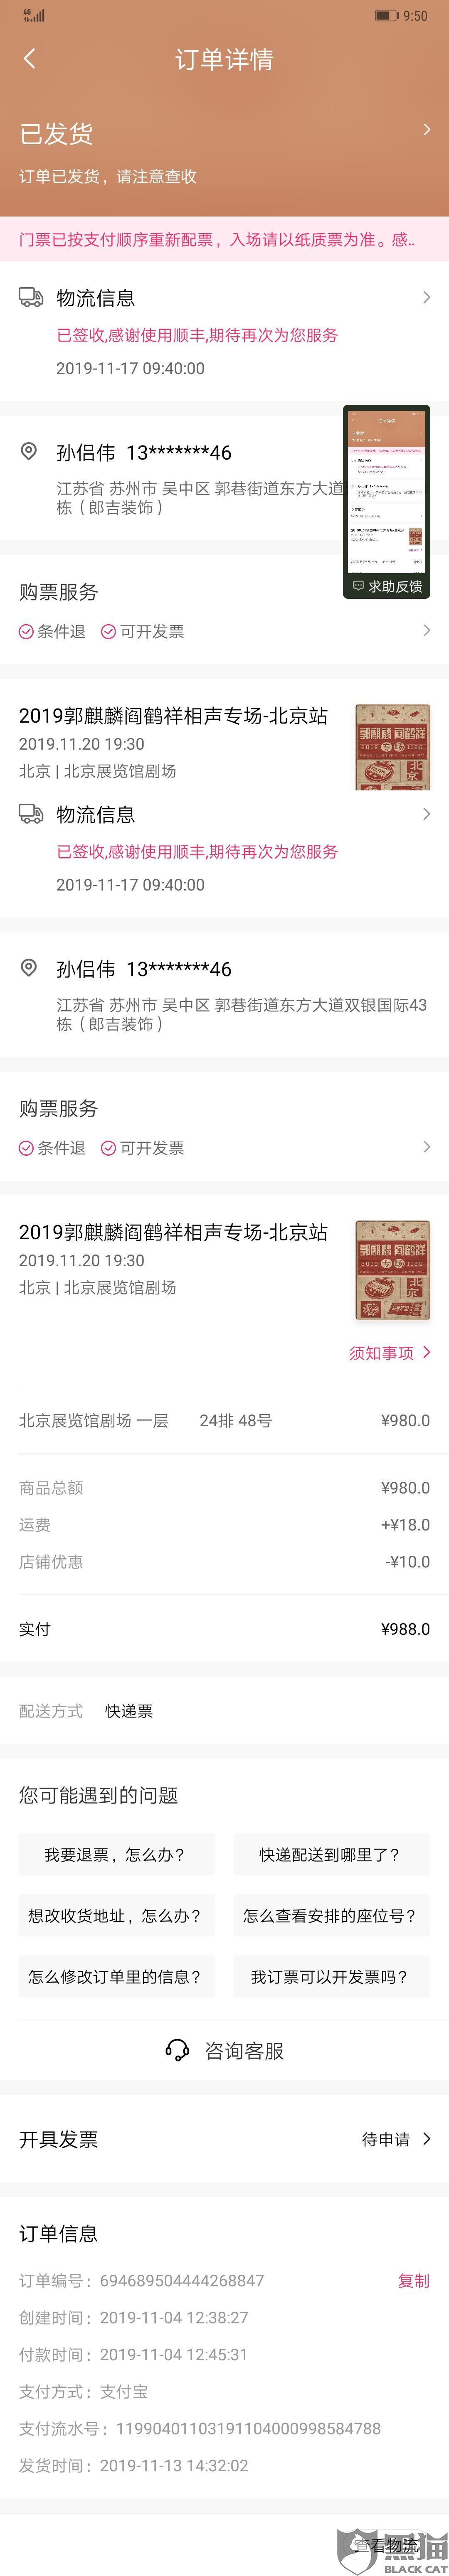 黑猫投诉:座位号不符合,大麦网2019(郭麒麟阎鹤祥相声专场)北京场